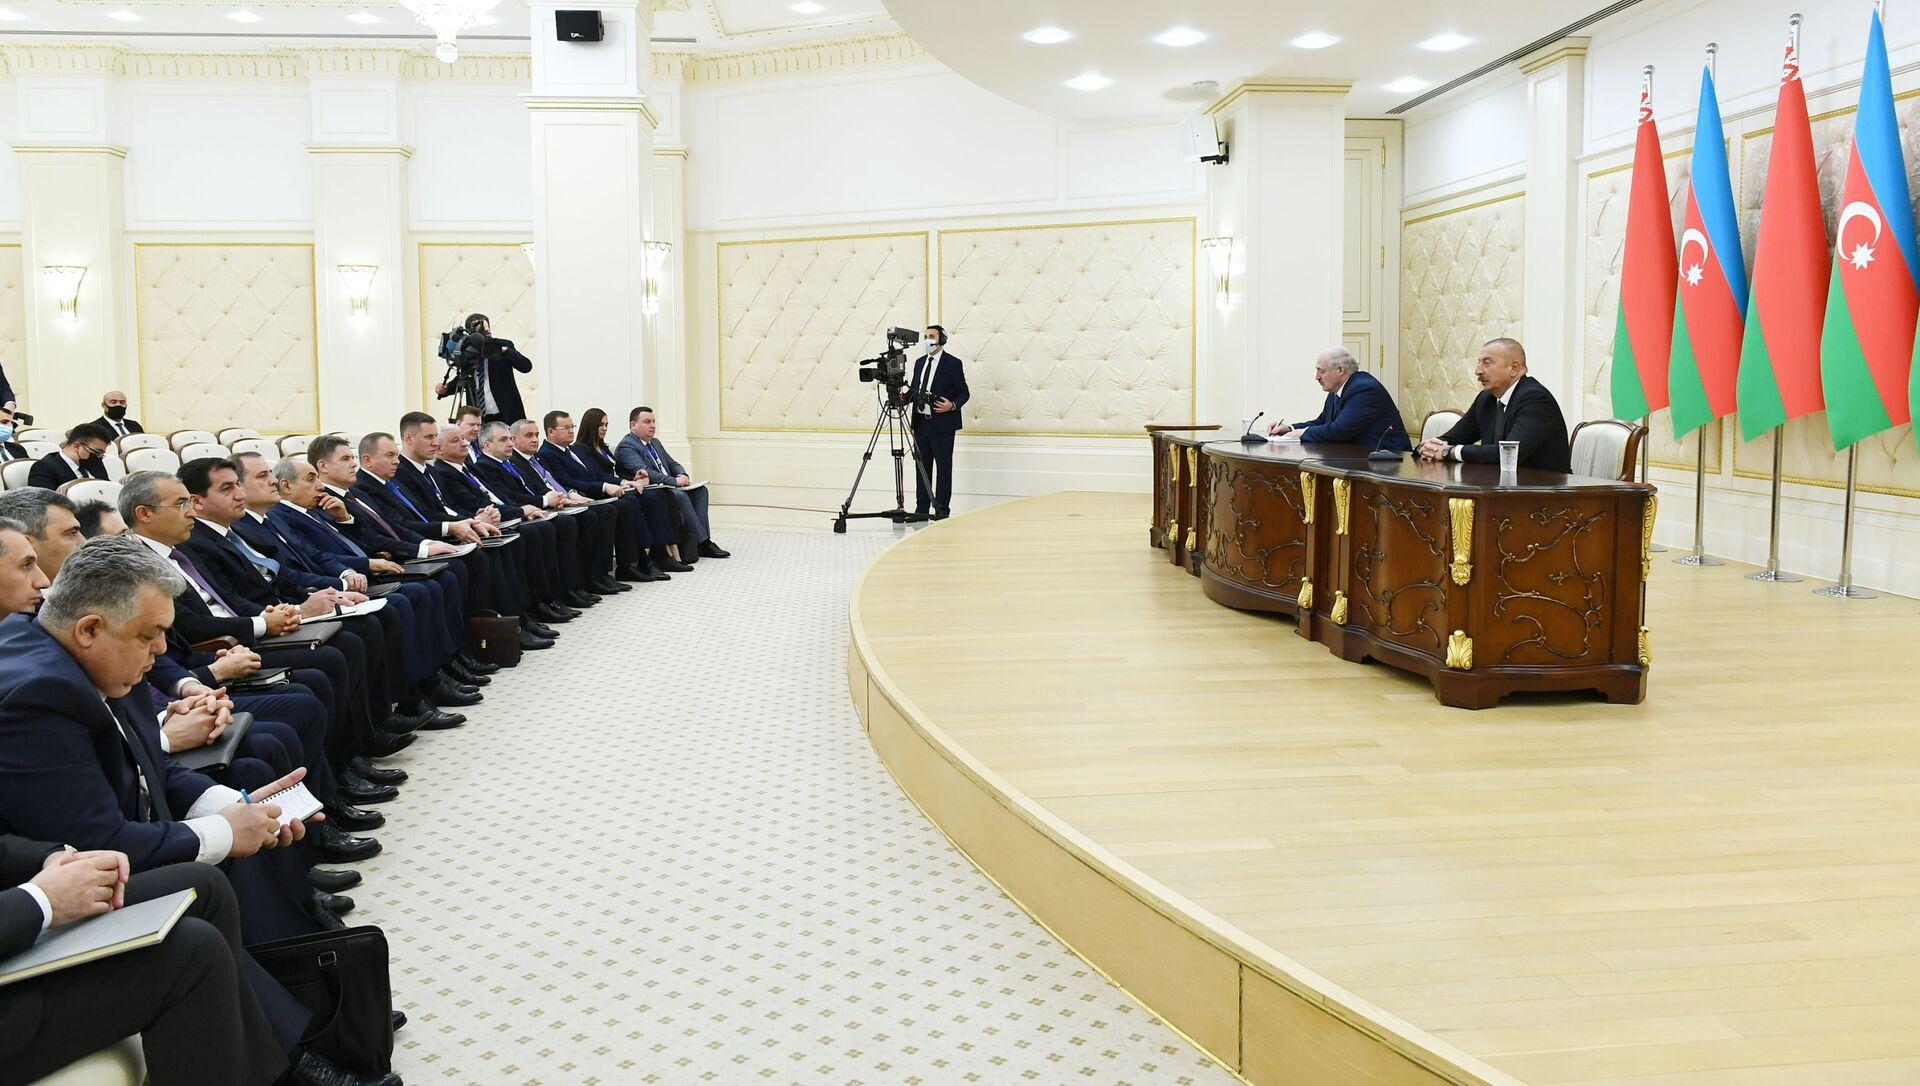 Президент Азербайджанской Республики Ильхам Алиев и Президент Беларуси Александр Лукашенко выступили с заявлениями для прессы - Sputnik Азербайджан, 1920, 16.04.2021